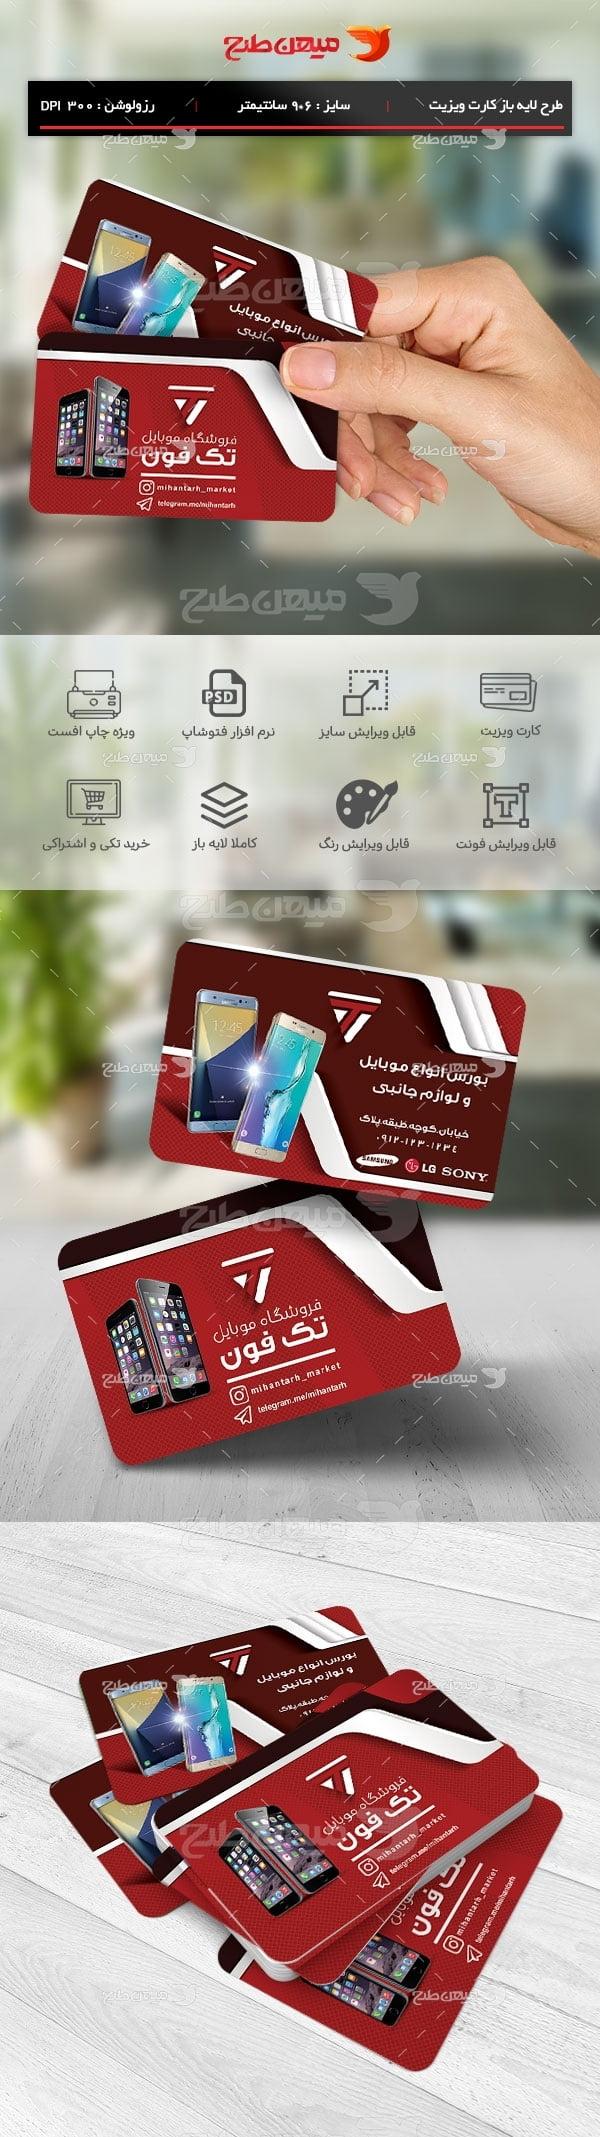 طرح لایه باز کارت ویزیت فروشگاه موبایل تک فون